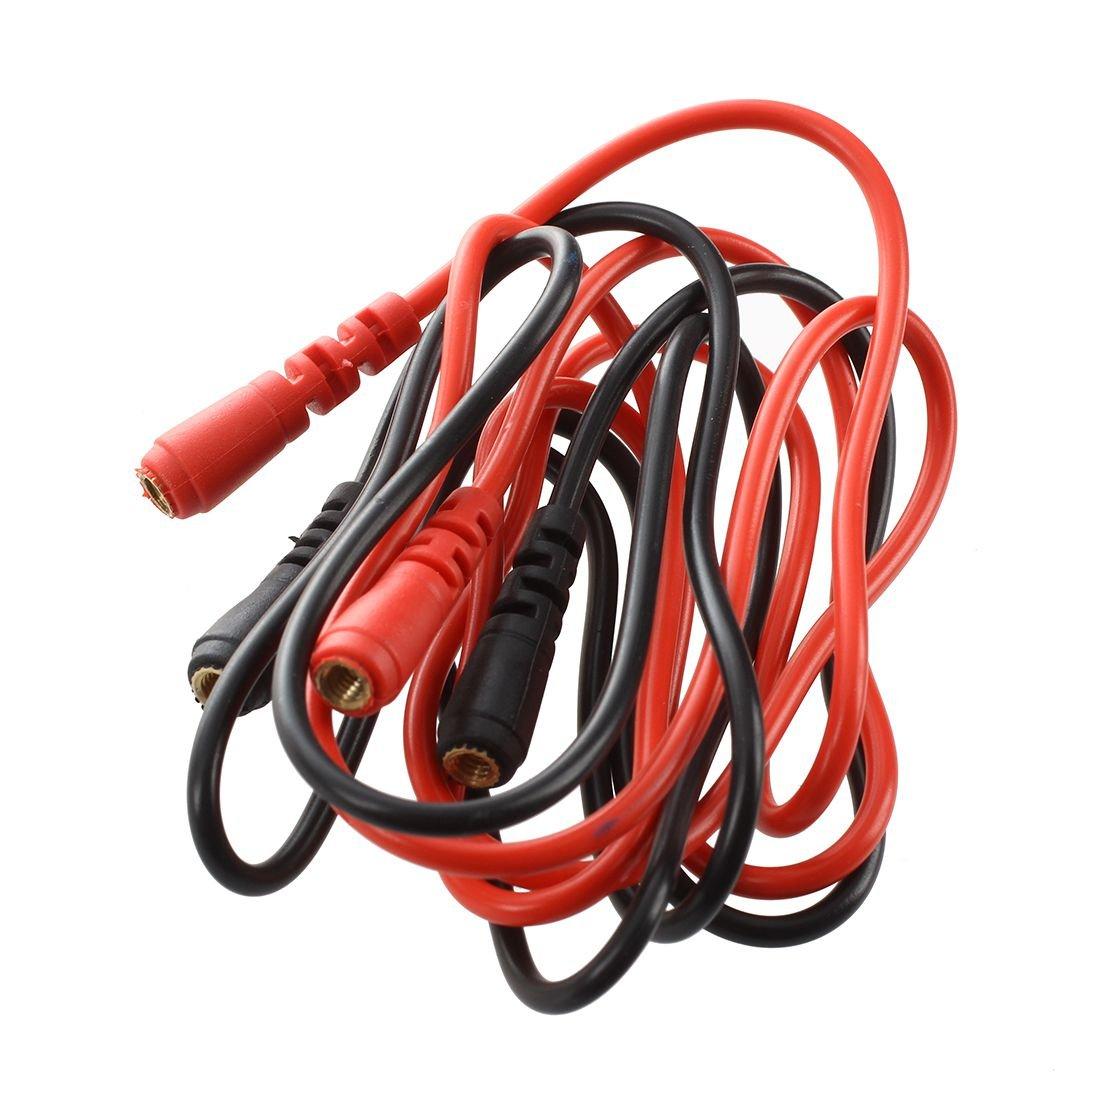 Cable de Banana Sonde de mesure de cable Cordon dessai Cordon de test Fils de Test SODIaL Multifonctions R